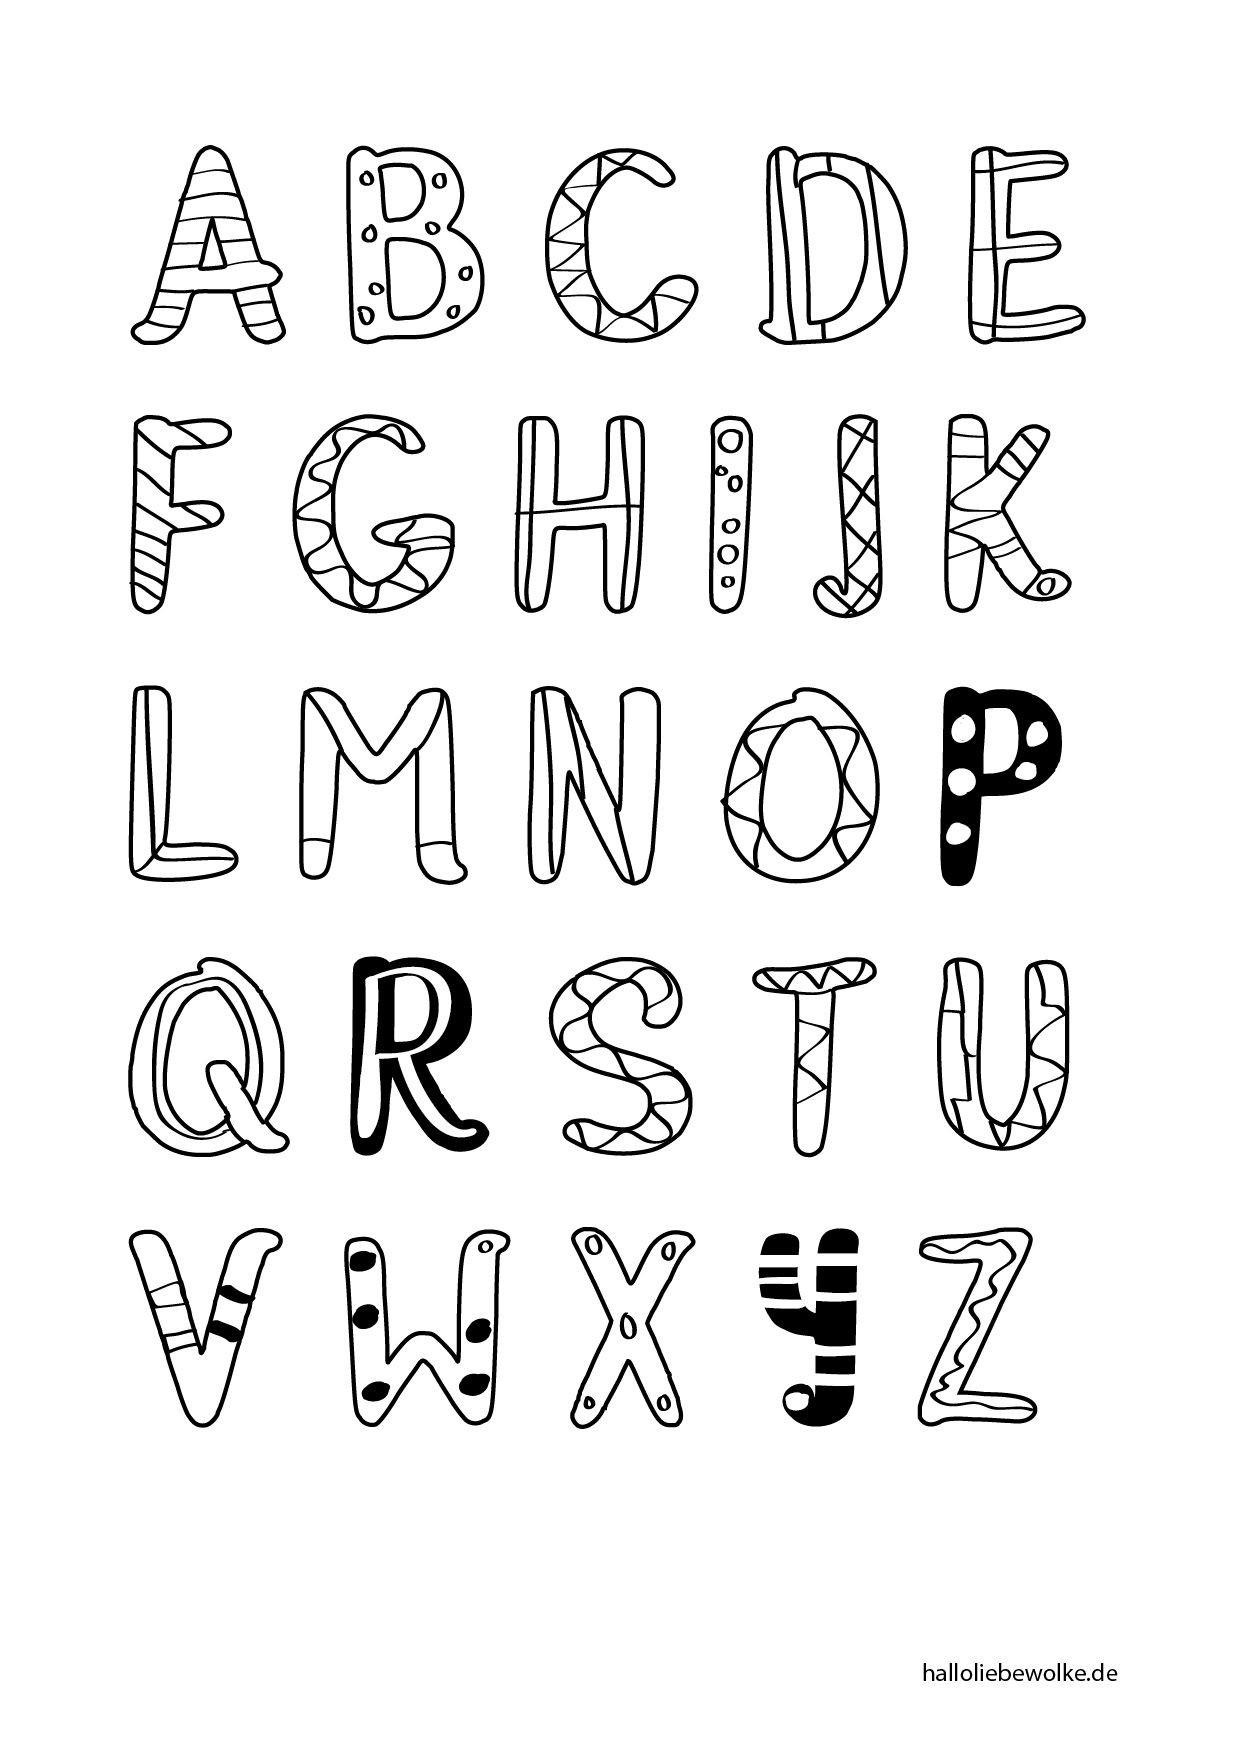 Ausmalbilder 3 Ausrufezeichen Einzigartig Alphabet Malvorlagen Pdf Ausmalbilder Malvorlagen Für Kinder Bilder